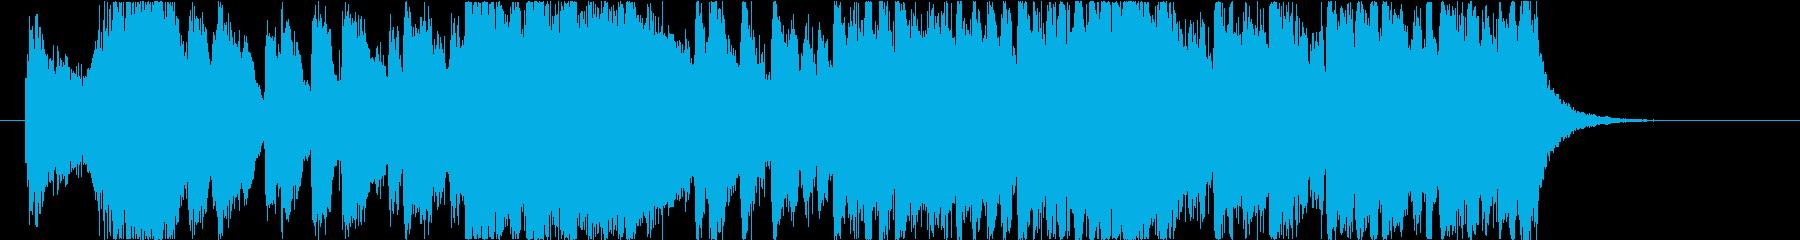 クリスマスの派手なオープニングジングルの再生済みの波形